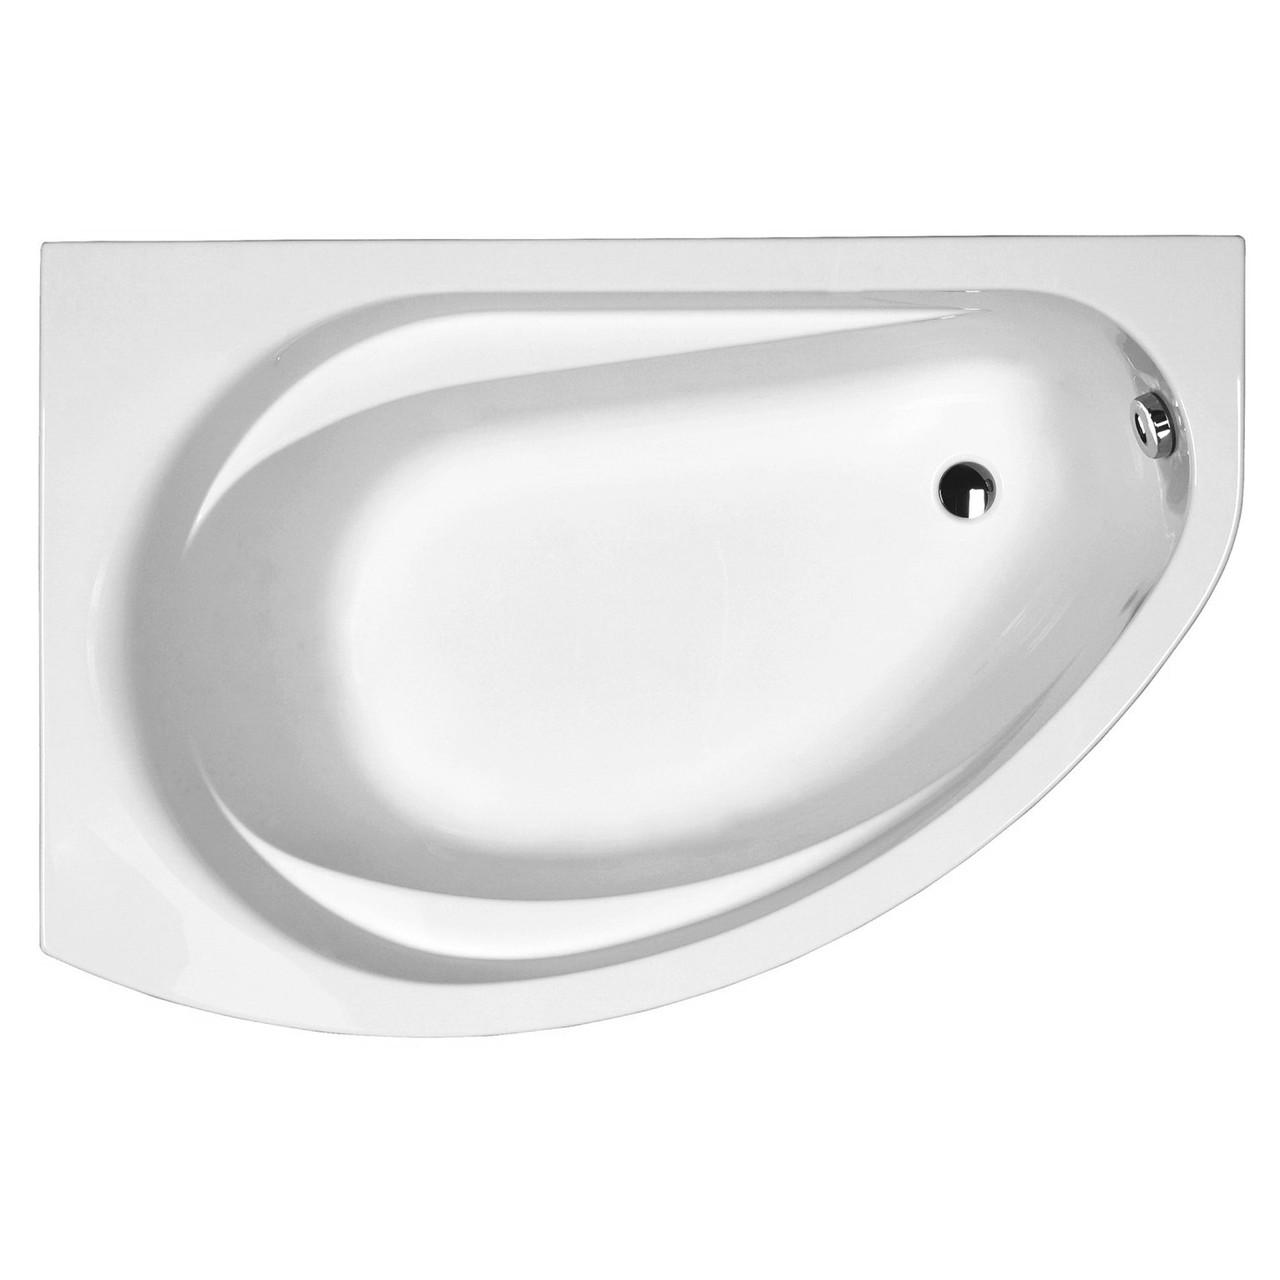 SUPERO ванна 145*85см, ассиметричная, левая, с ножками SN14